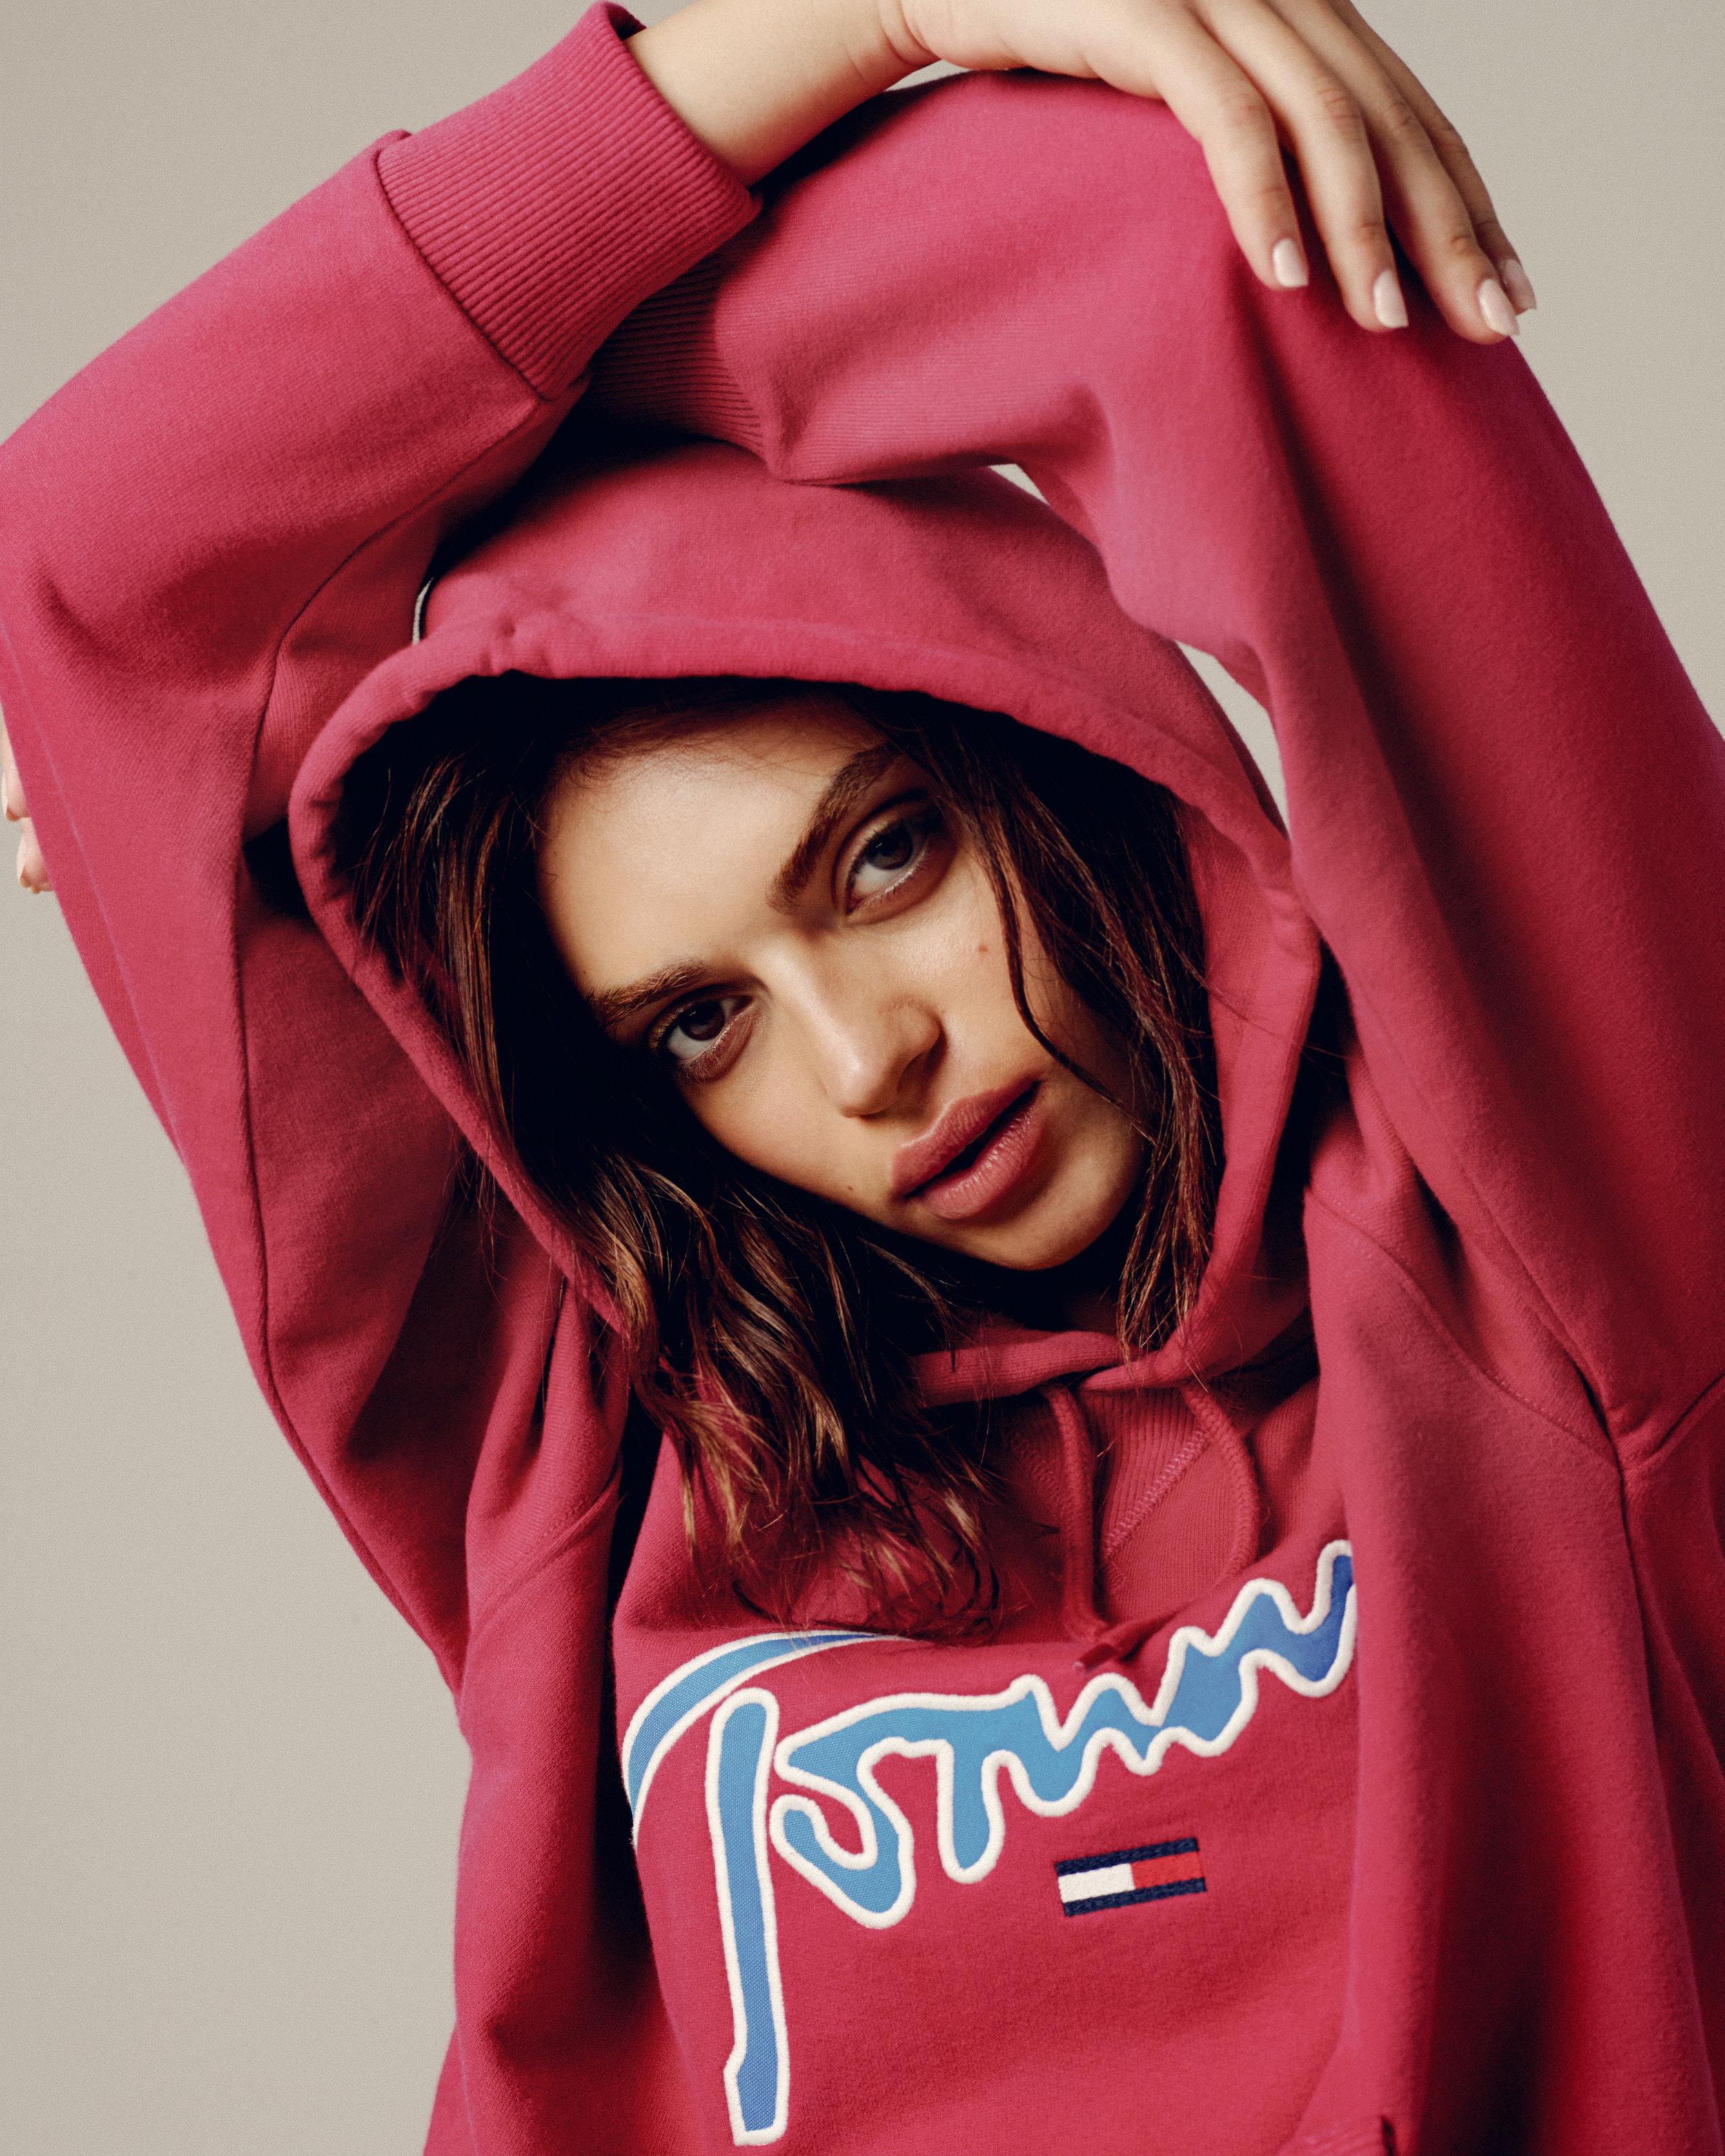 Tommy-Hilfiger-x-Fashionography35656.jpg